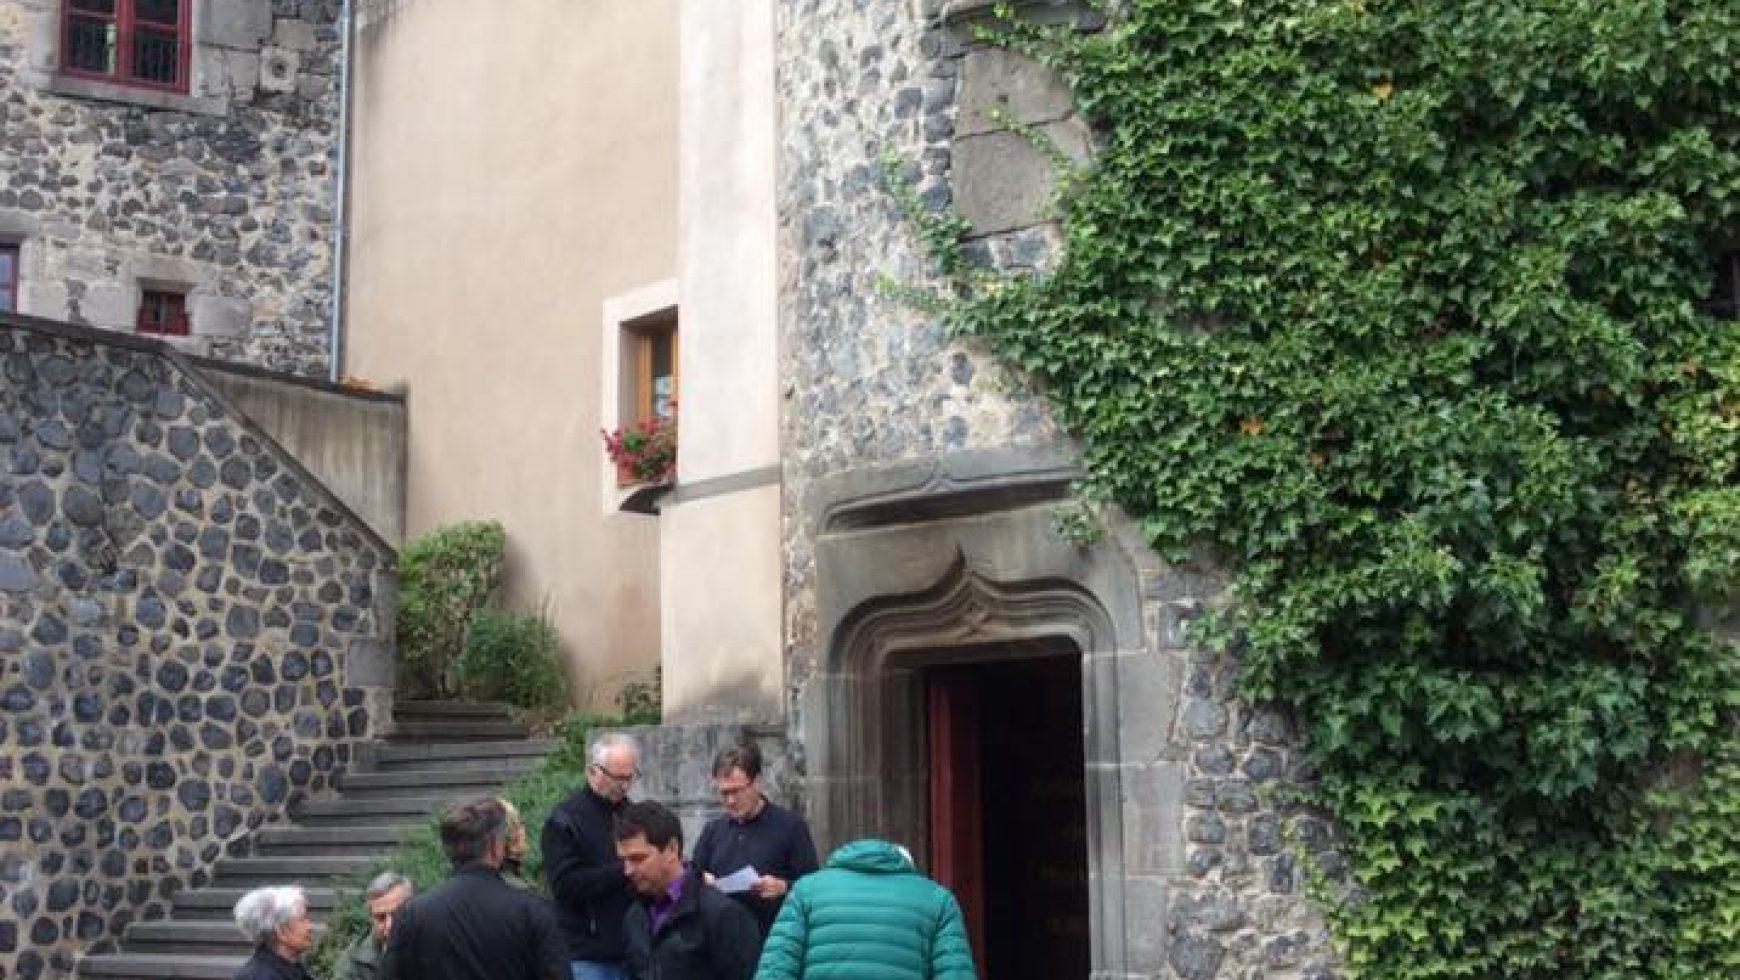 Conférence sur les Hospitaliers de Saint-Antoine donnée par Bernard Vinatier à la maison du Médecin du Roy à Murat